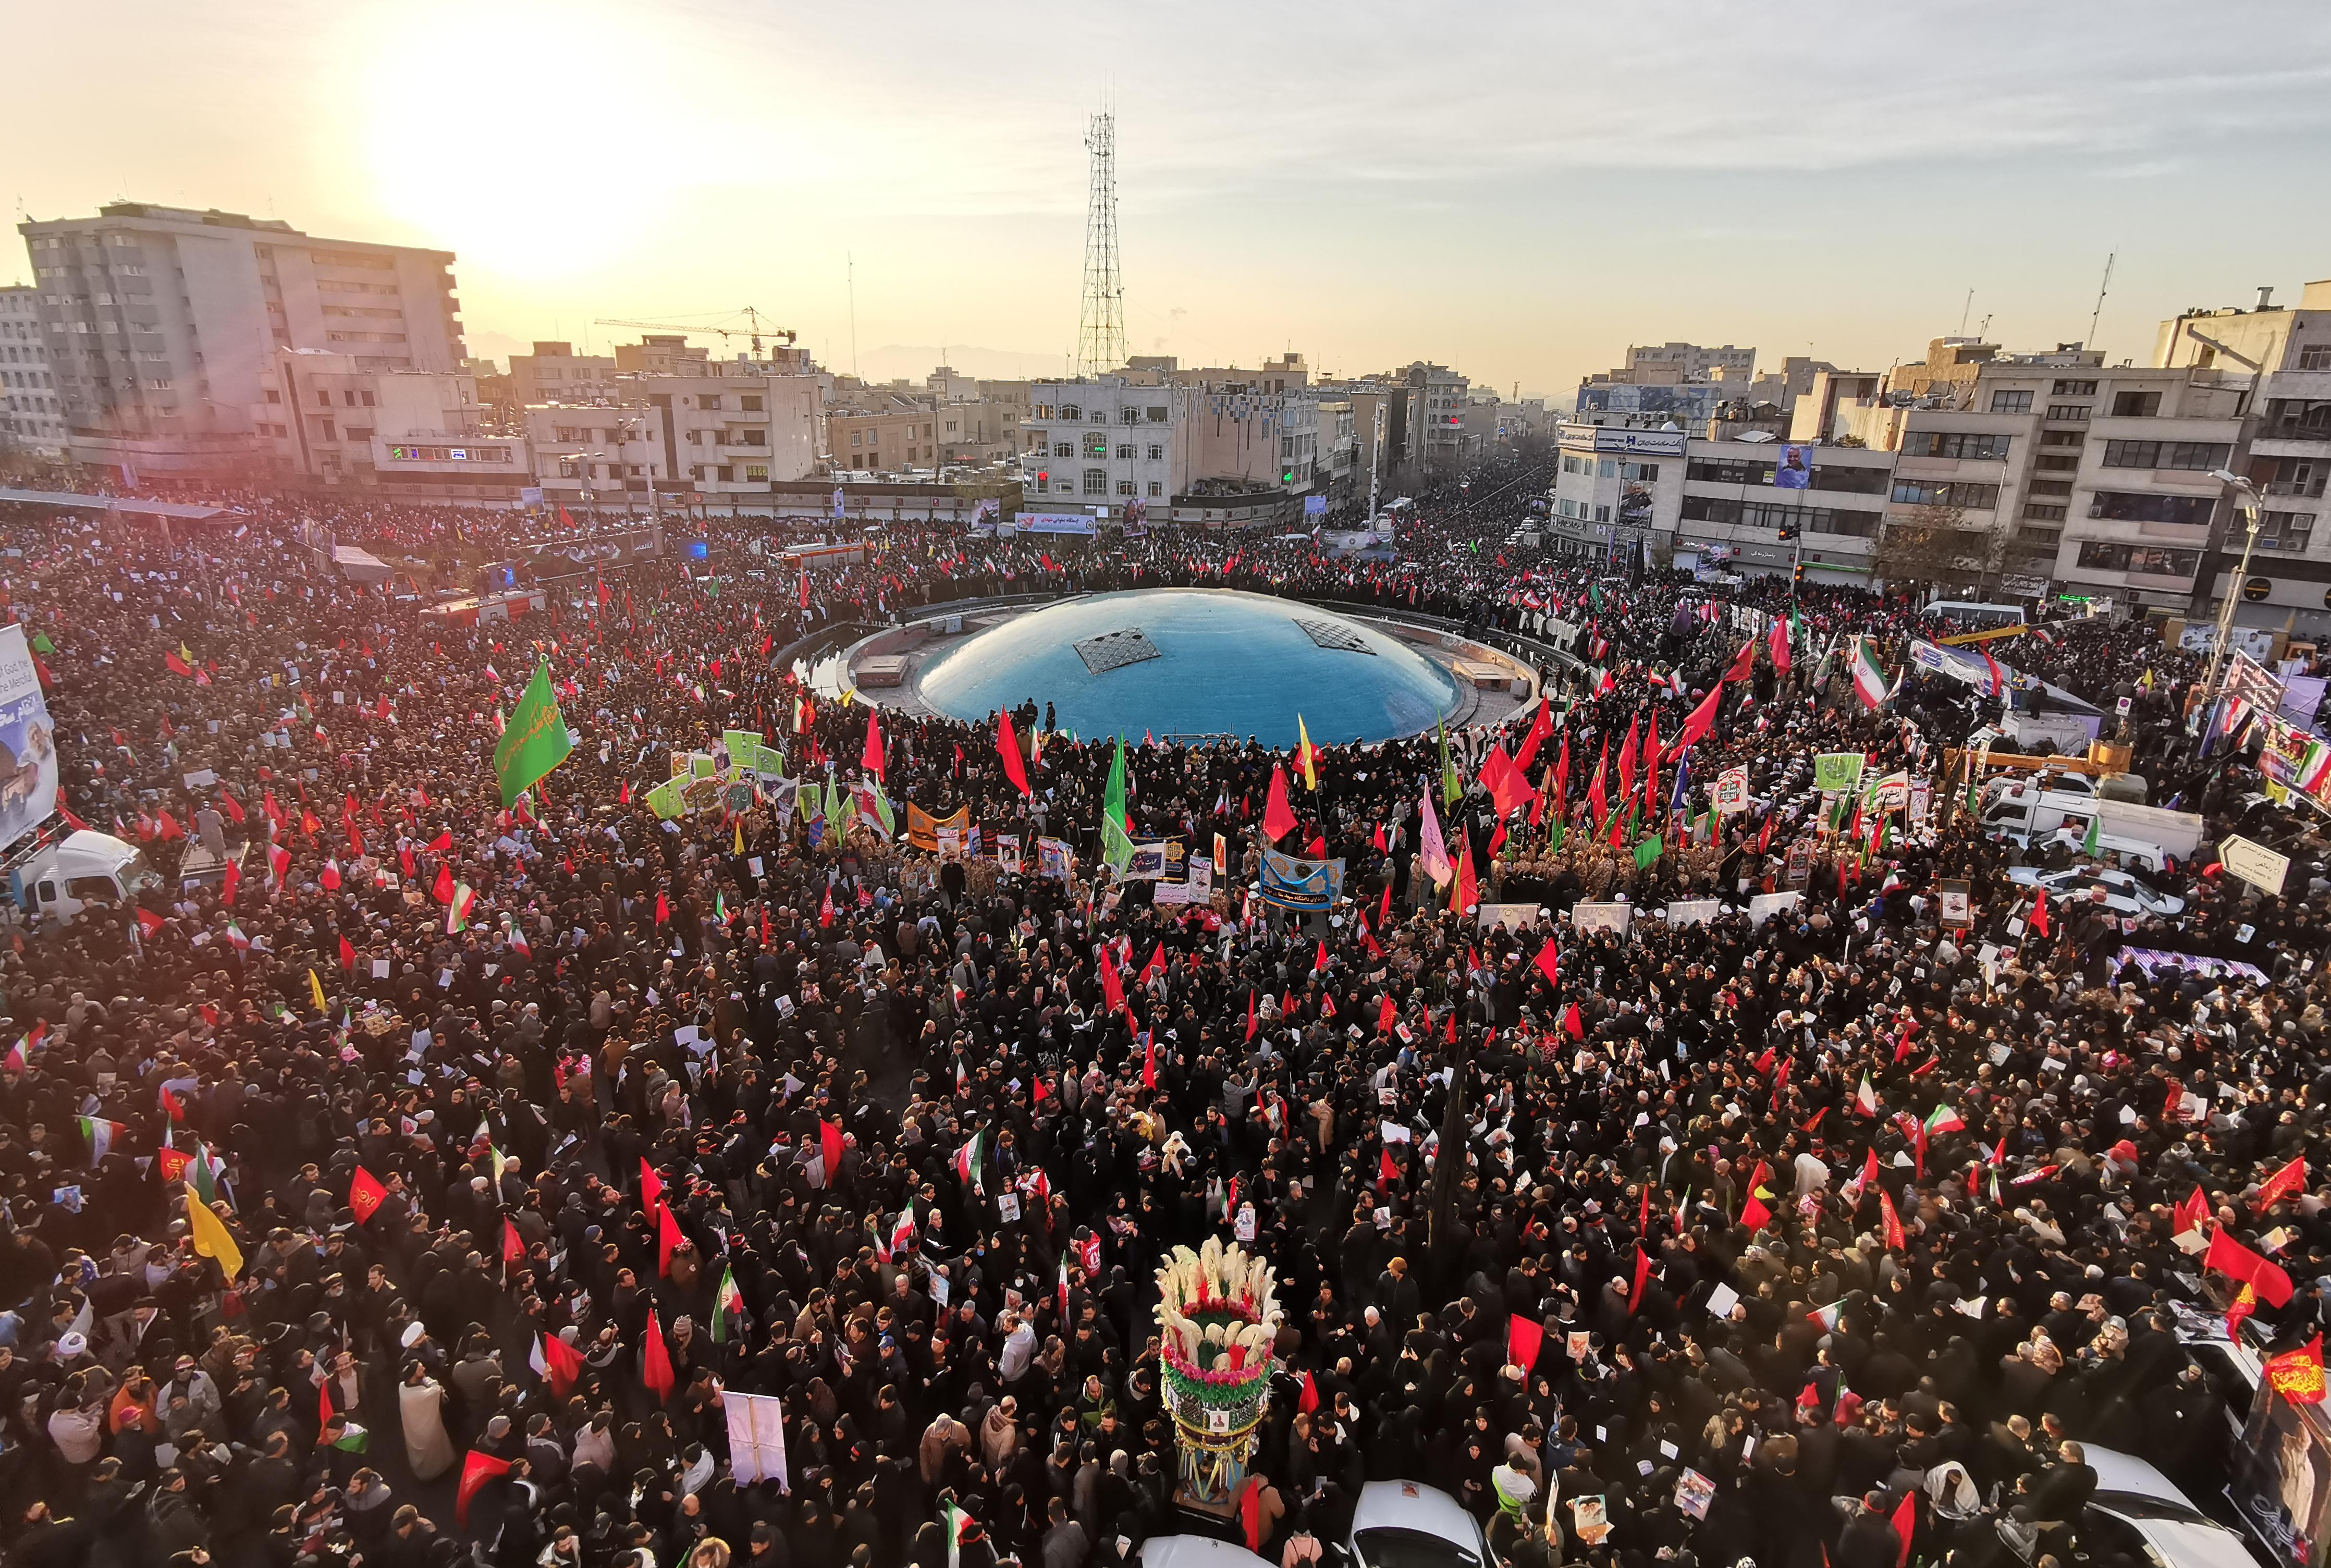 Százezrek tolonganak Szulejmani búcsúztatóján Teheránban